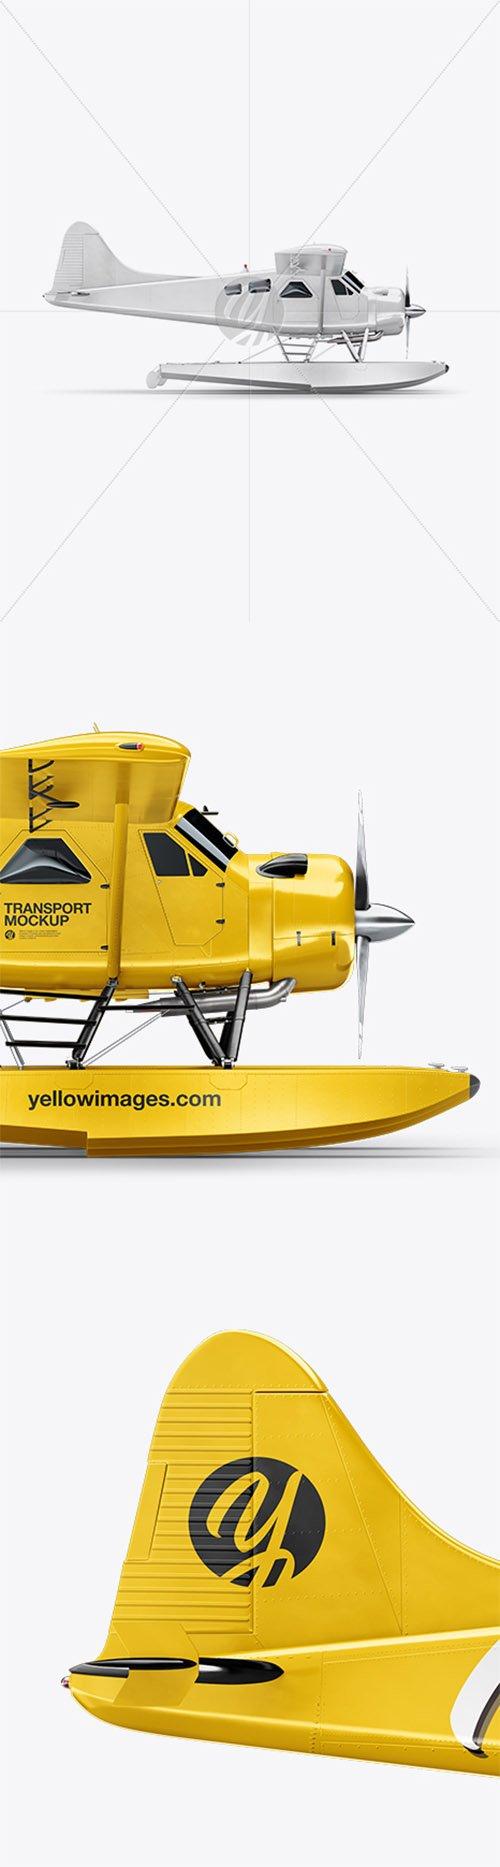 Seaplane Mockup - Side View 32716 TIF